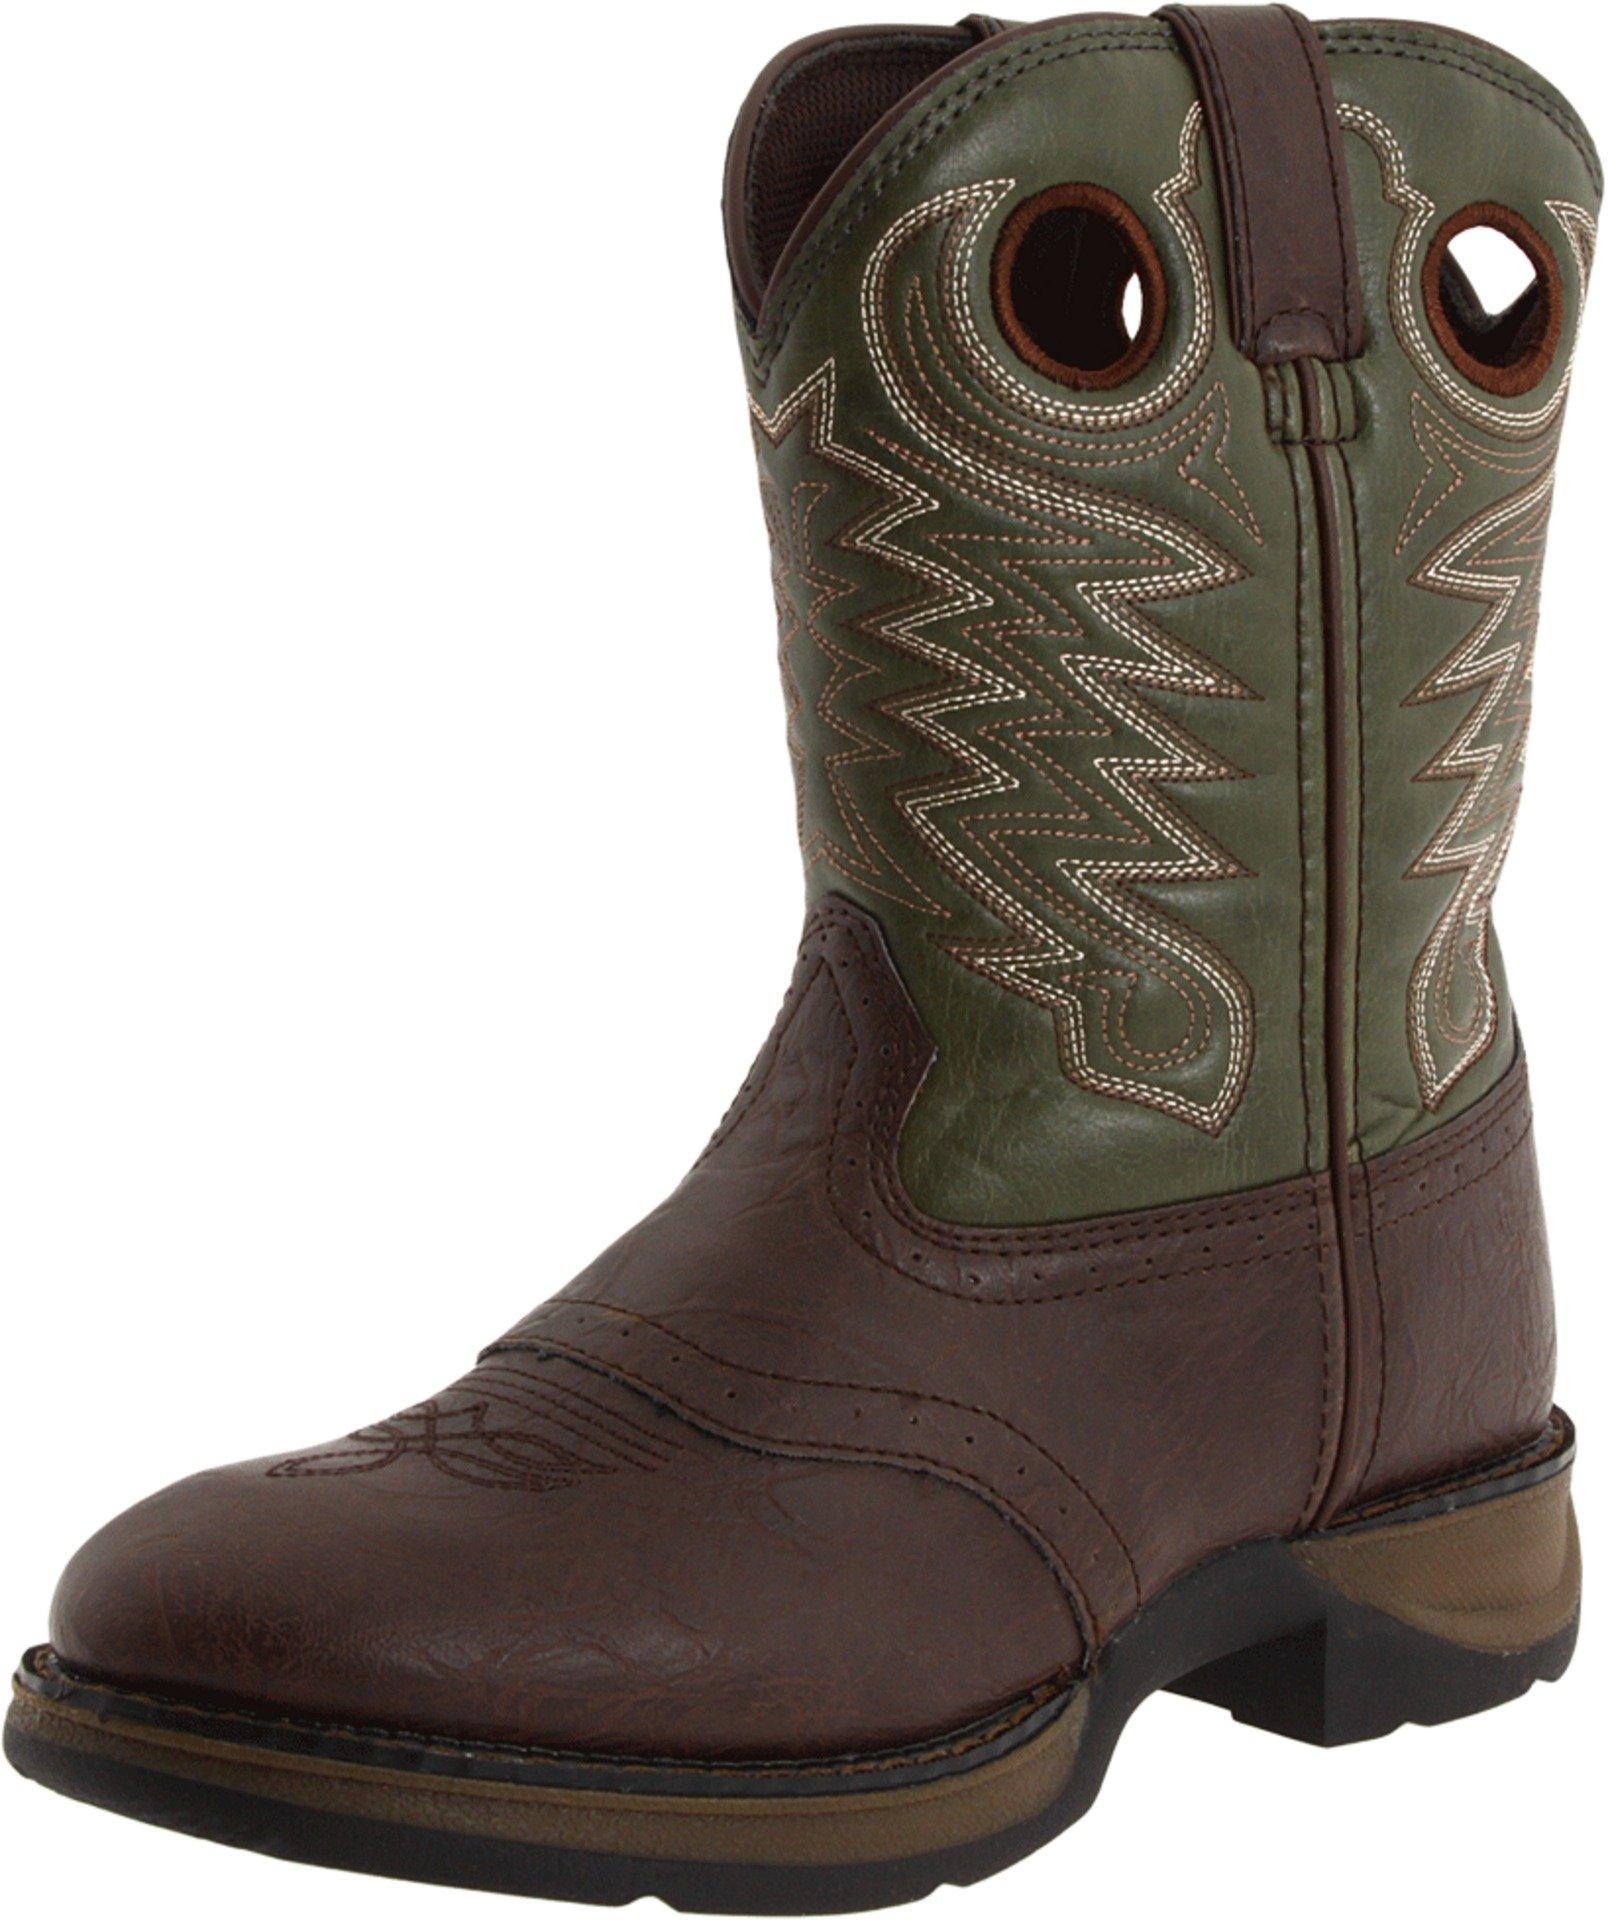 Durango Kids BT206 Lil' 8 Inch Saddle,Dark Brown/Forest Green,9 M US Toddler